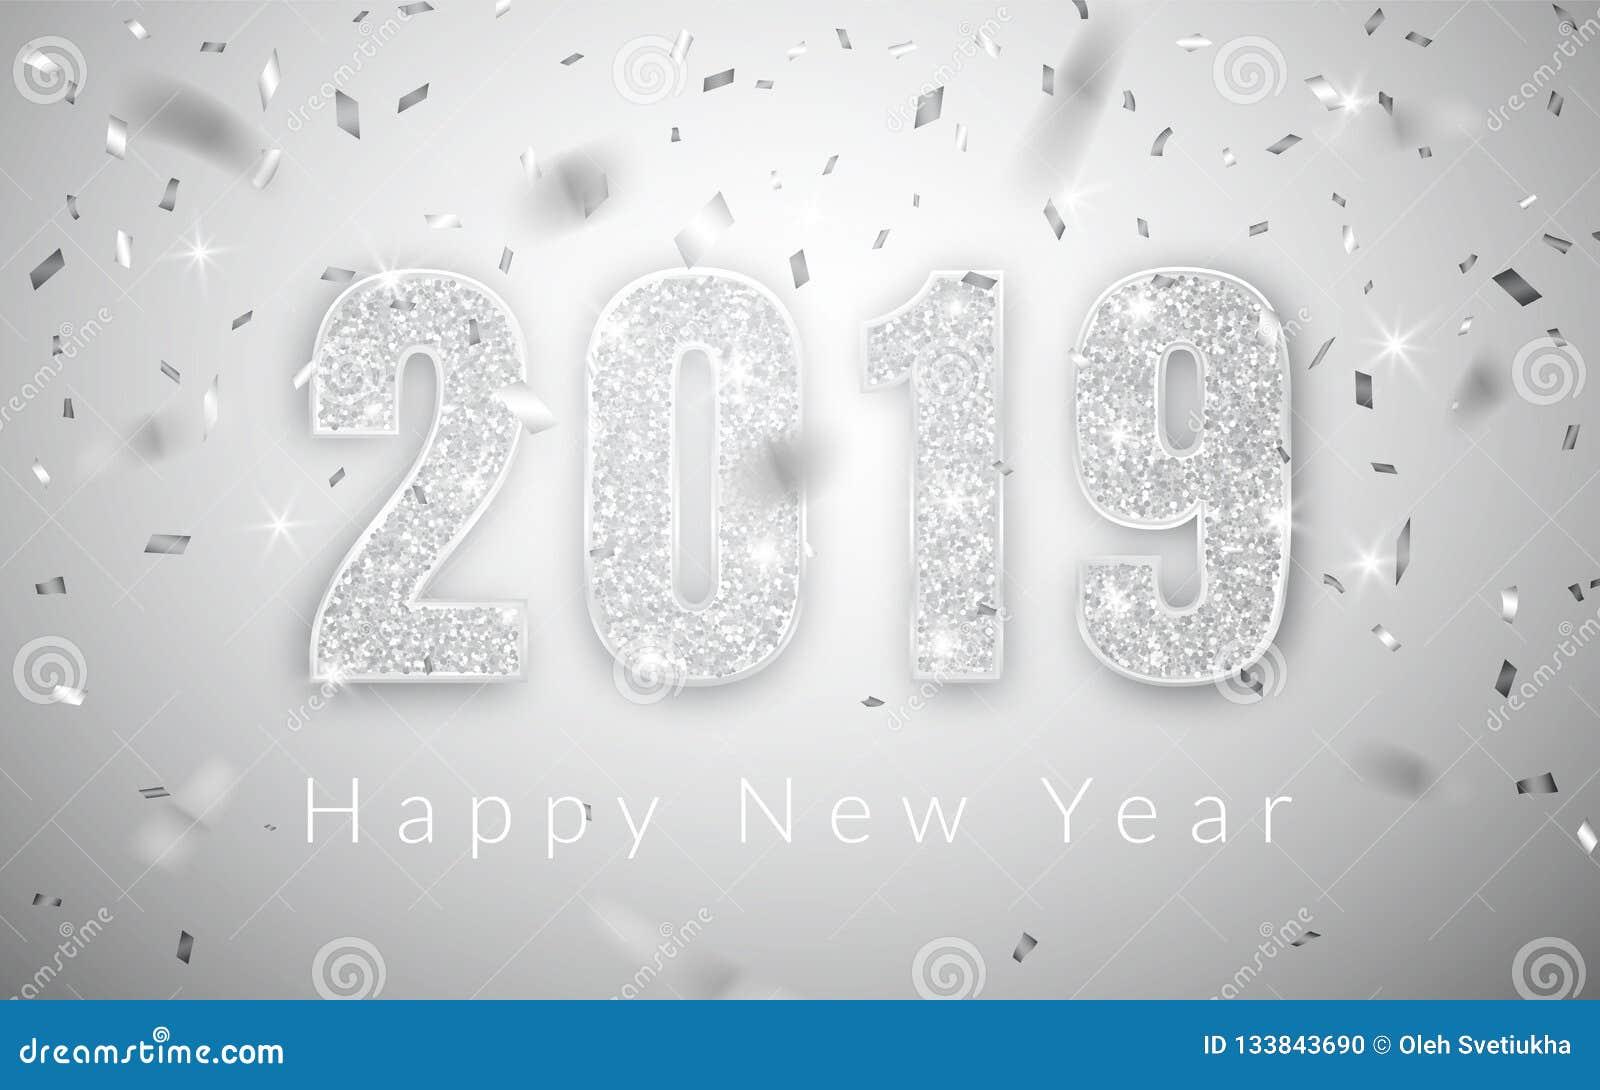 Καλή χρονιά 2019, ασημένιο σχέδιο αριθμών της ευχετήριας κάρτας, διανυσματική απεικόνιση